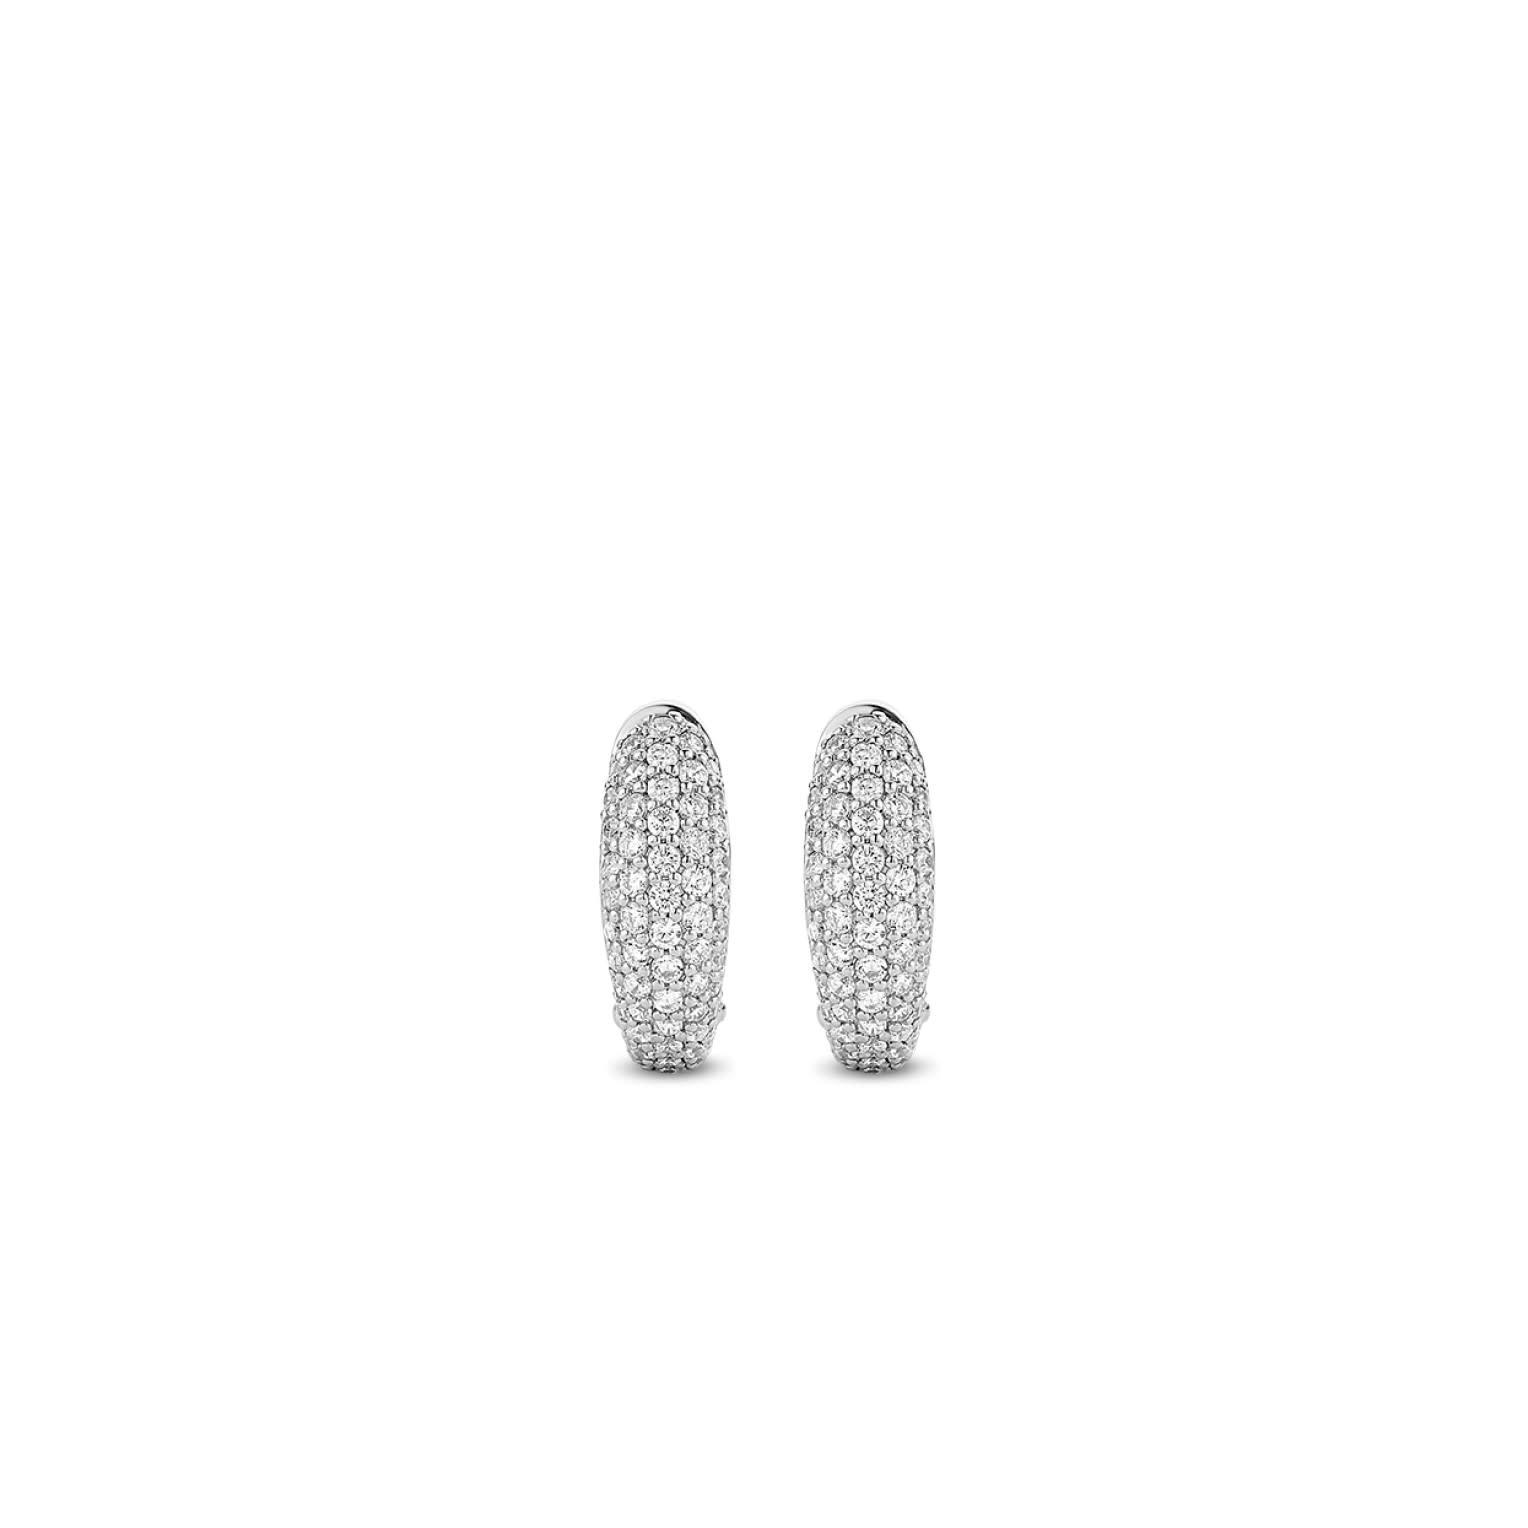 TI SENTO - Milano Earrings 7804ZI-1